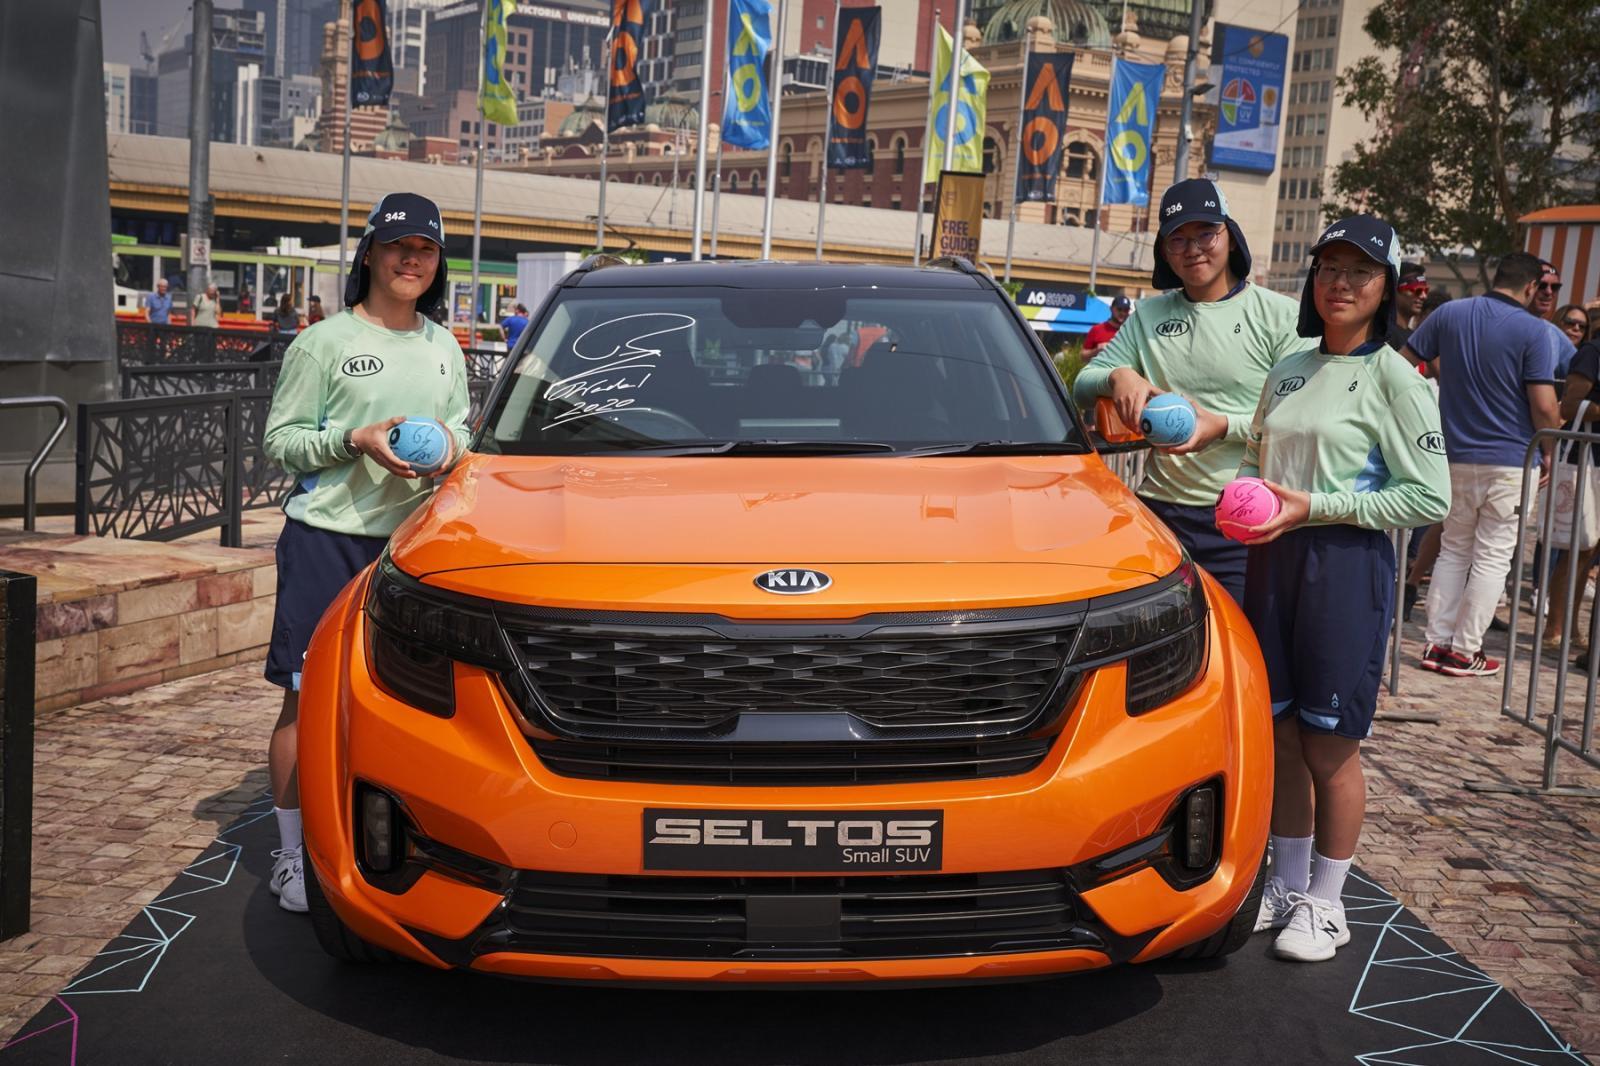 Kia y Rafa Nadal presentan los autos oficiales del Abierto de Australia